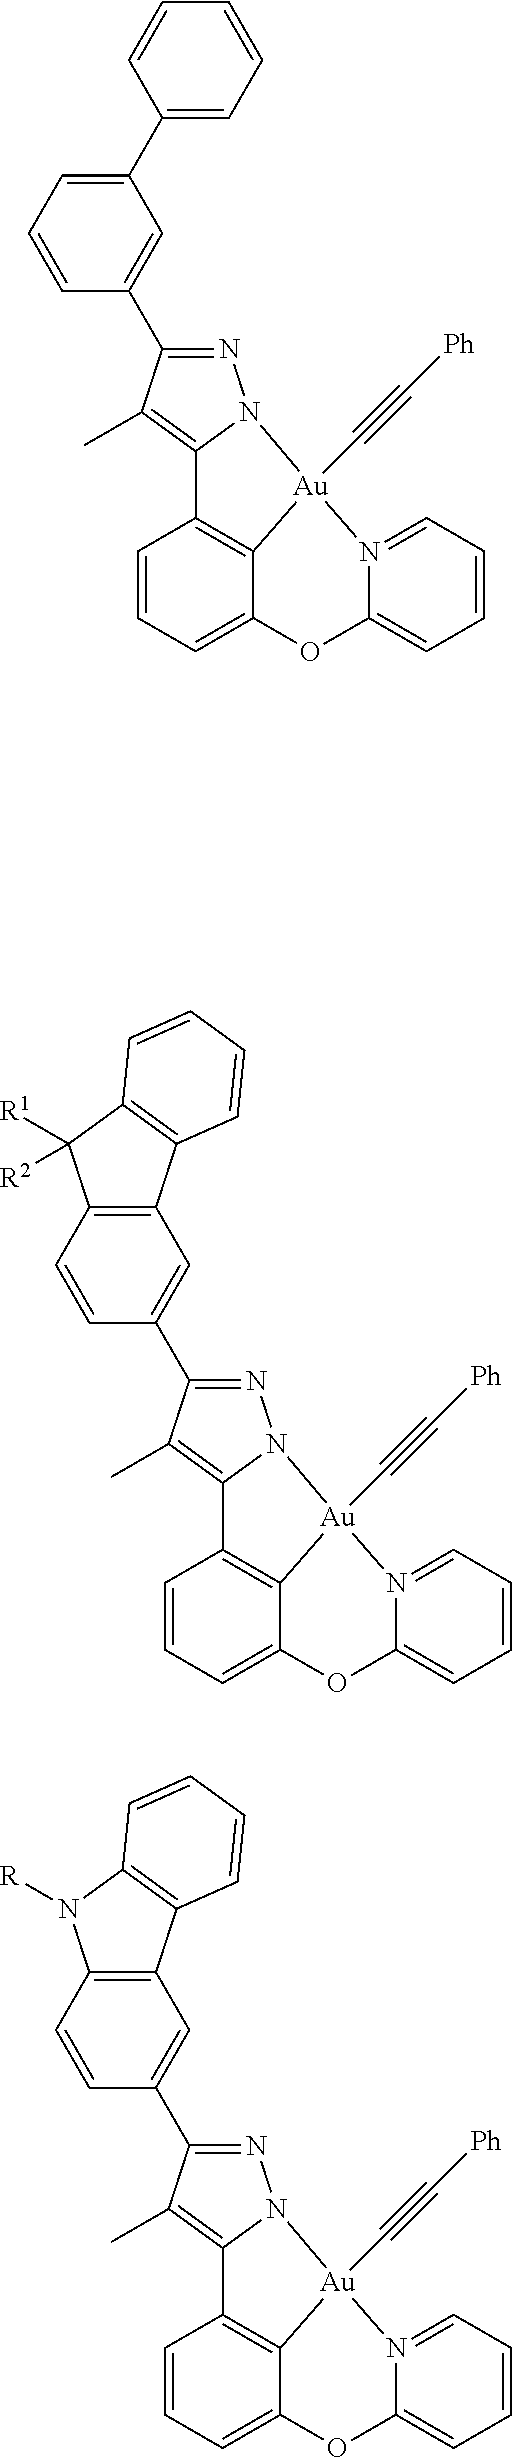 Figure US09818959-20171114-C00557